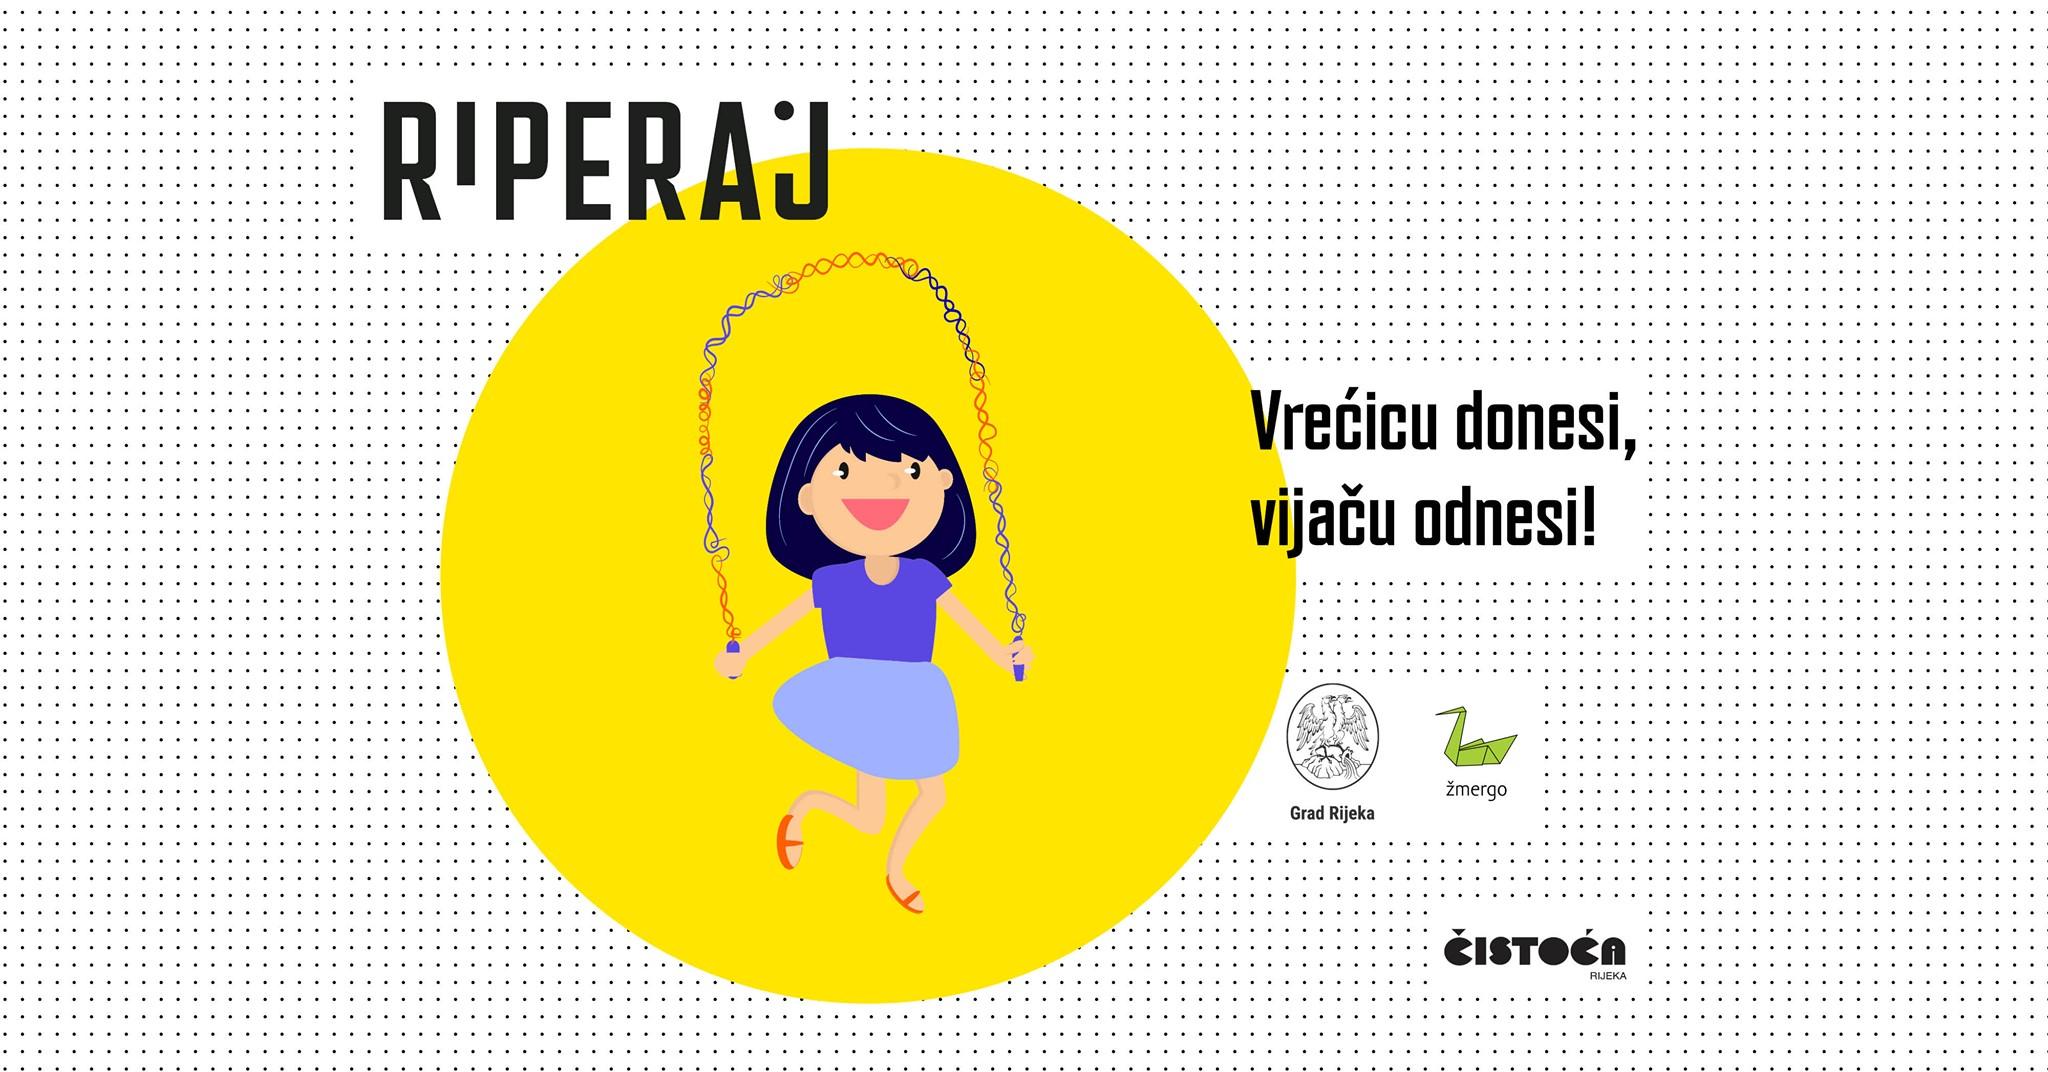 Poziv na besplatnu radionicu izrade vijača od plastičnih vrećica u Riperaju